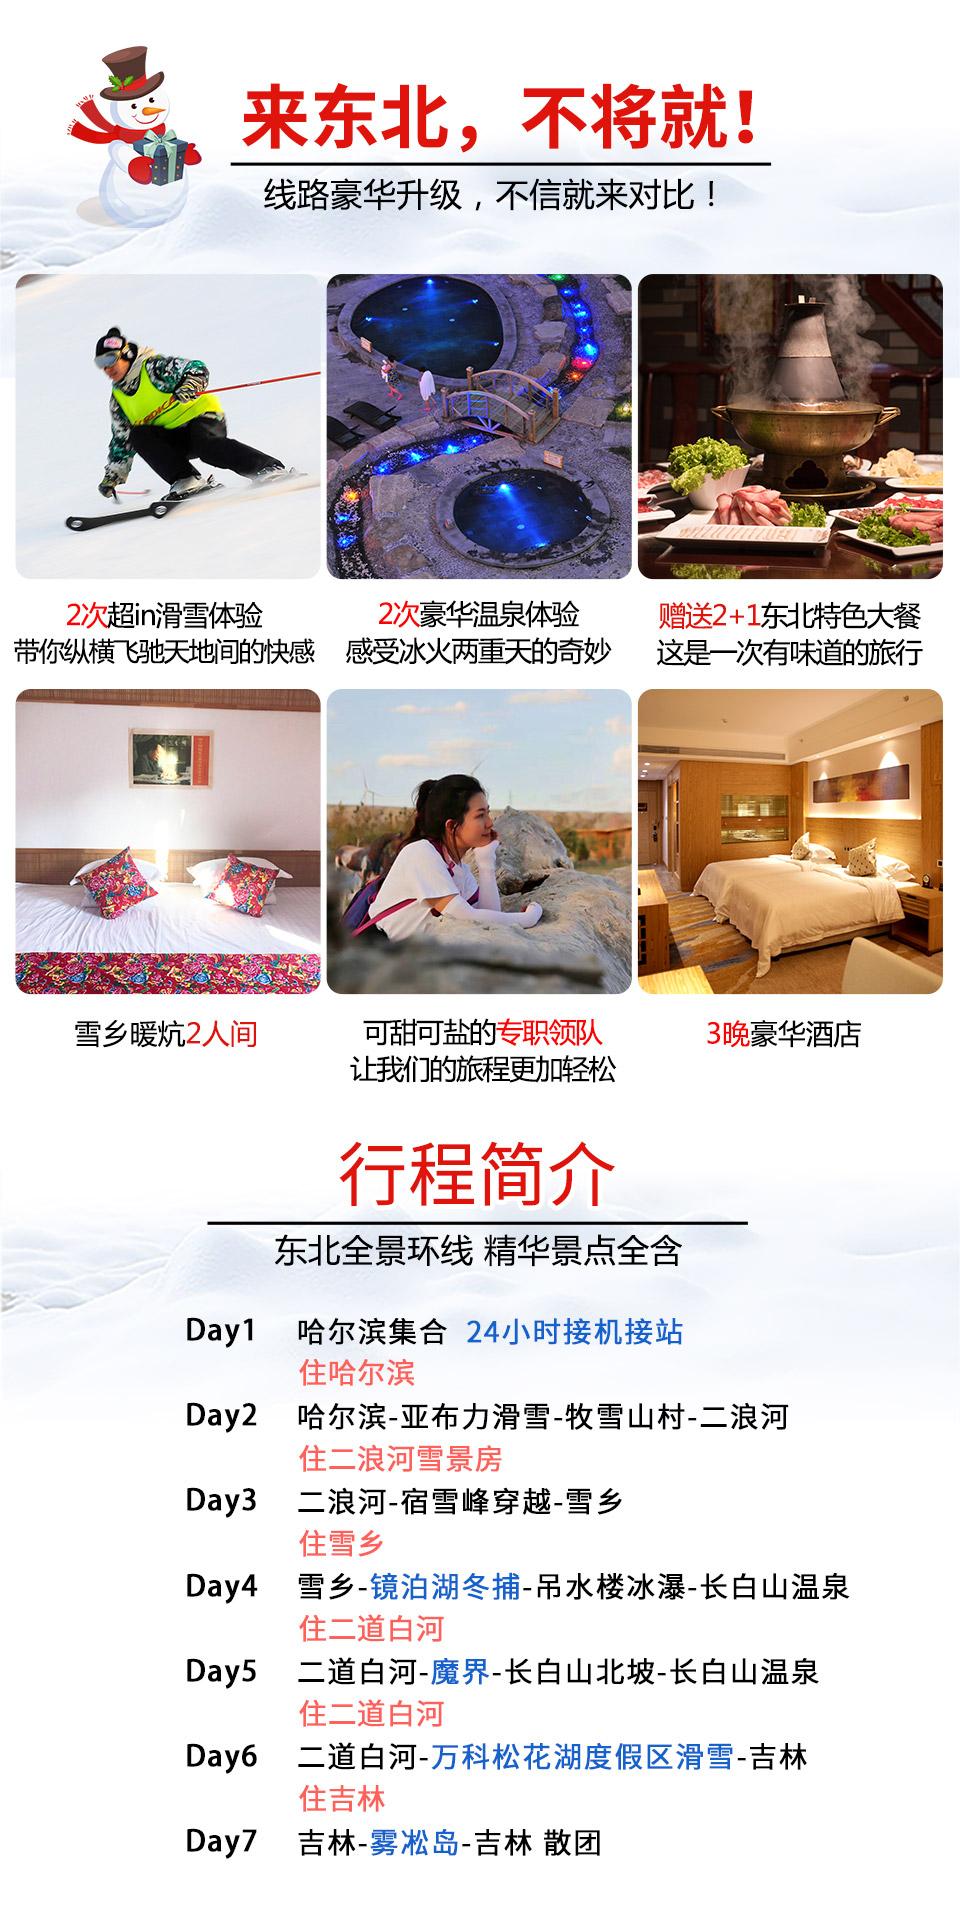 亲子旅行怎么玩_吉林旅游服务攻略-牡丹江狼图腾国际旅游集团有限公司